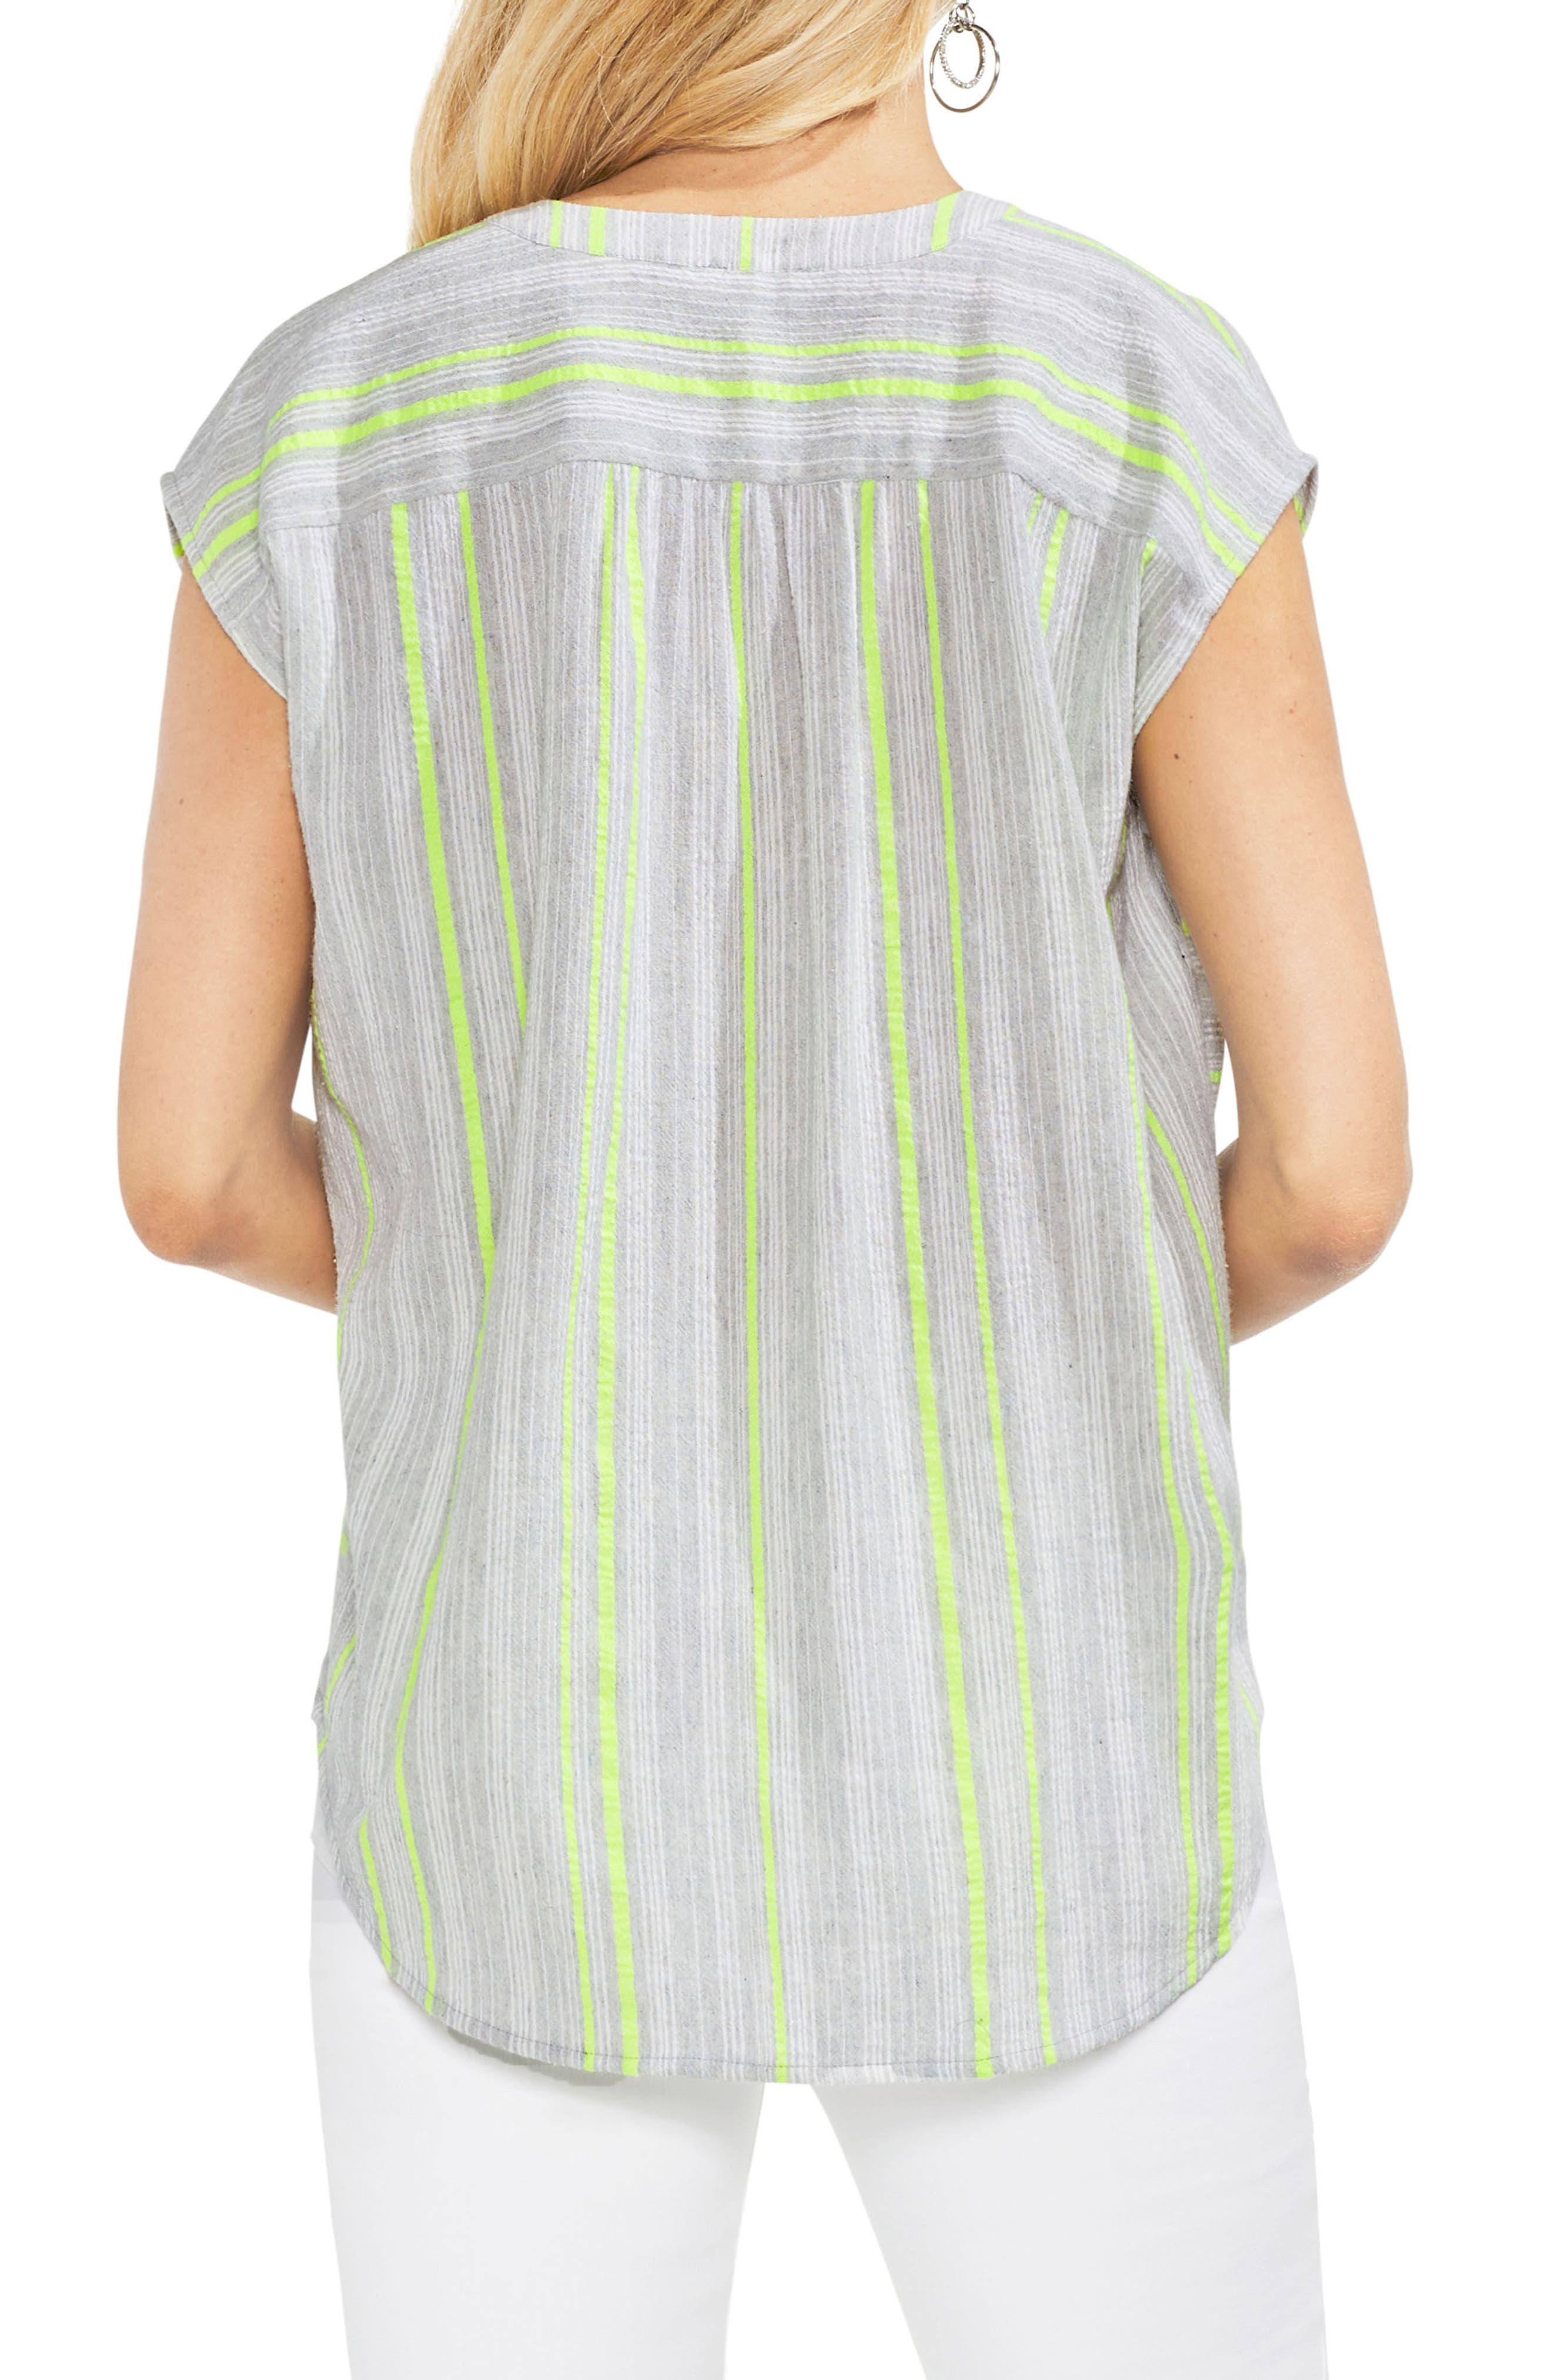 VINCE CAMUTO,                             Cotton Blend Stripe Henley Top,                             Alternate thumbnail 2, color,                             300